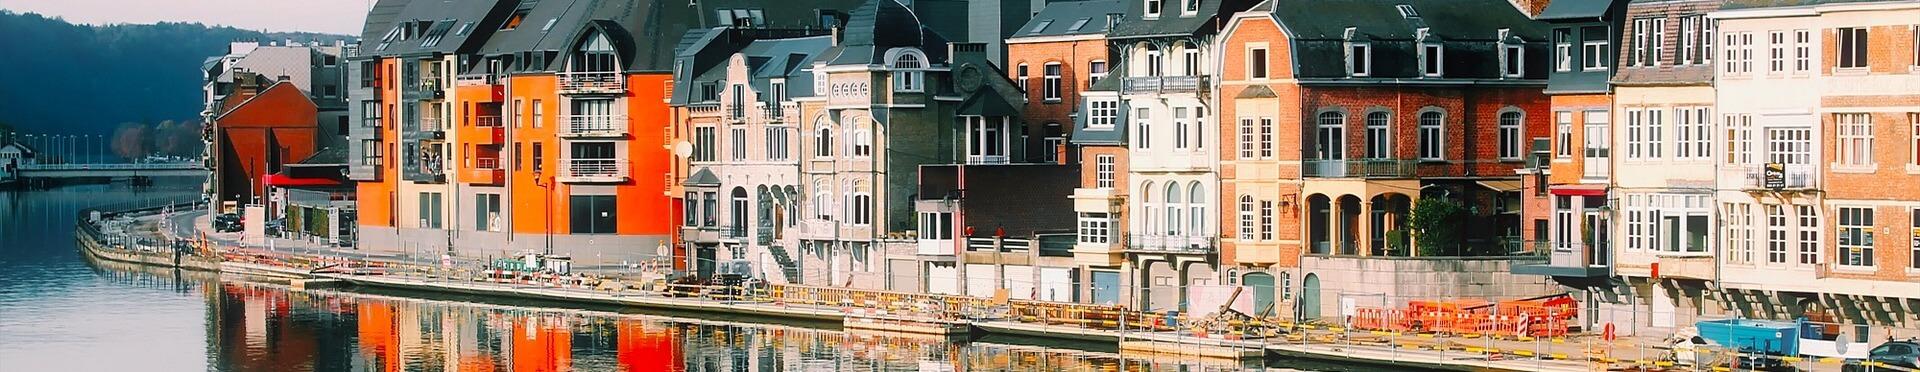 Hausreihe am Hafen